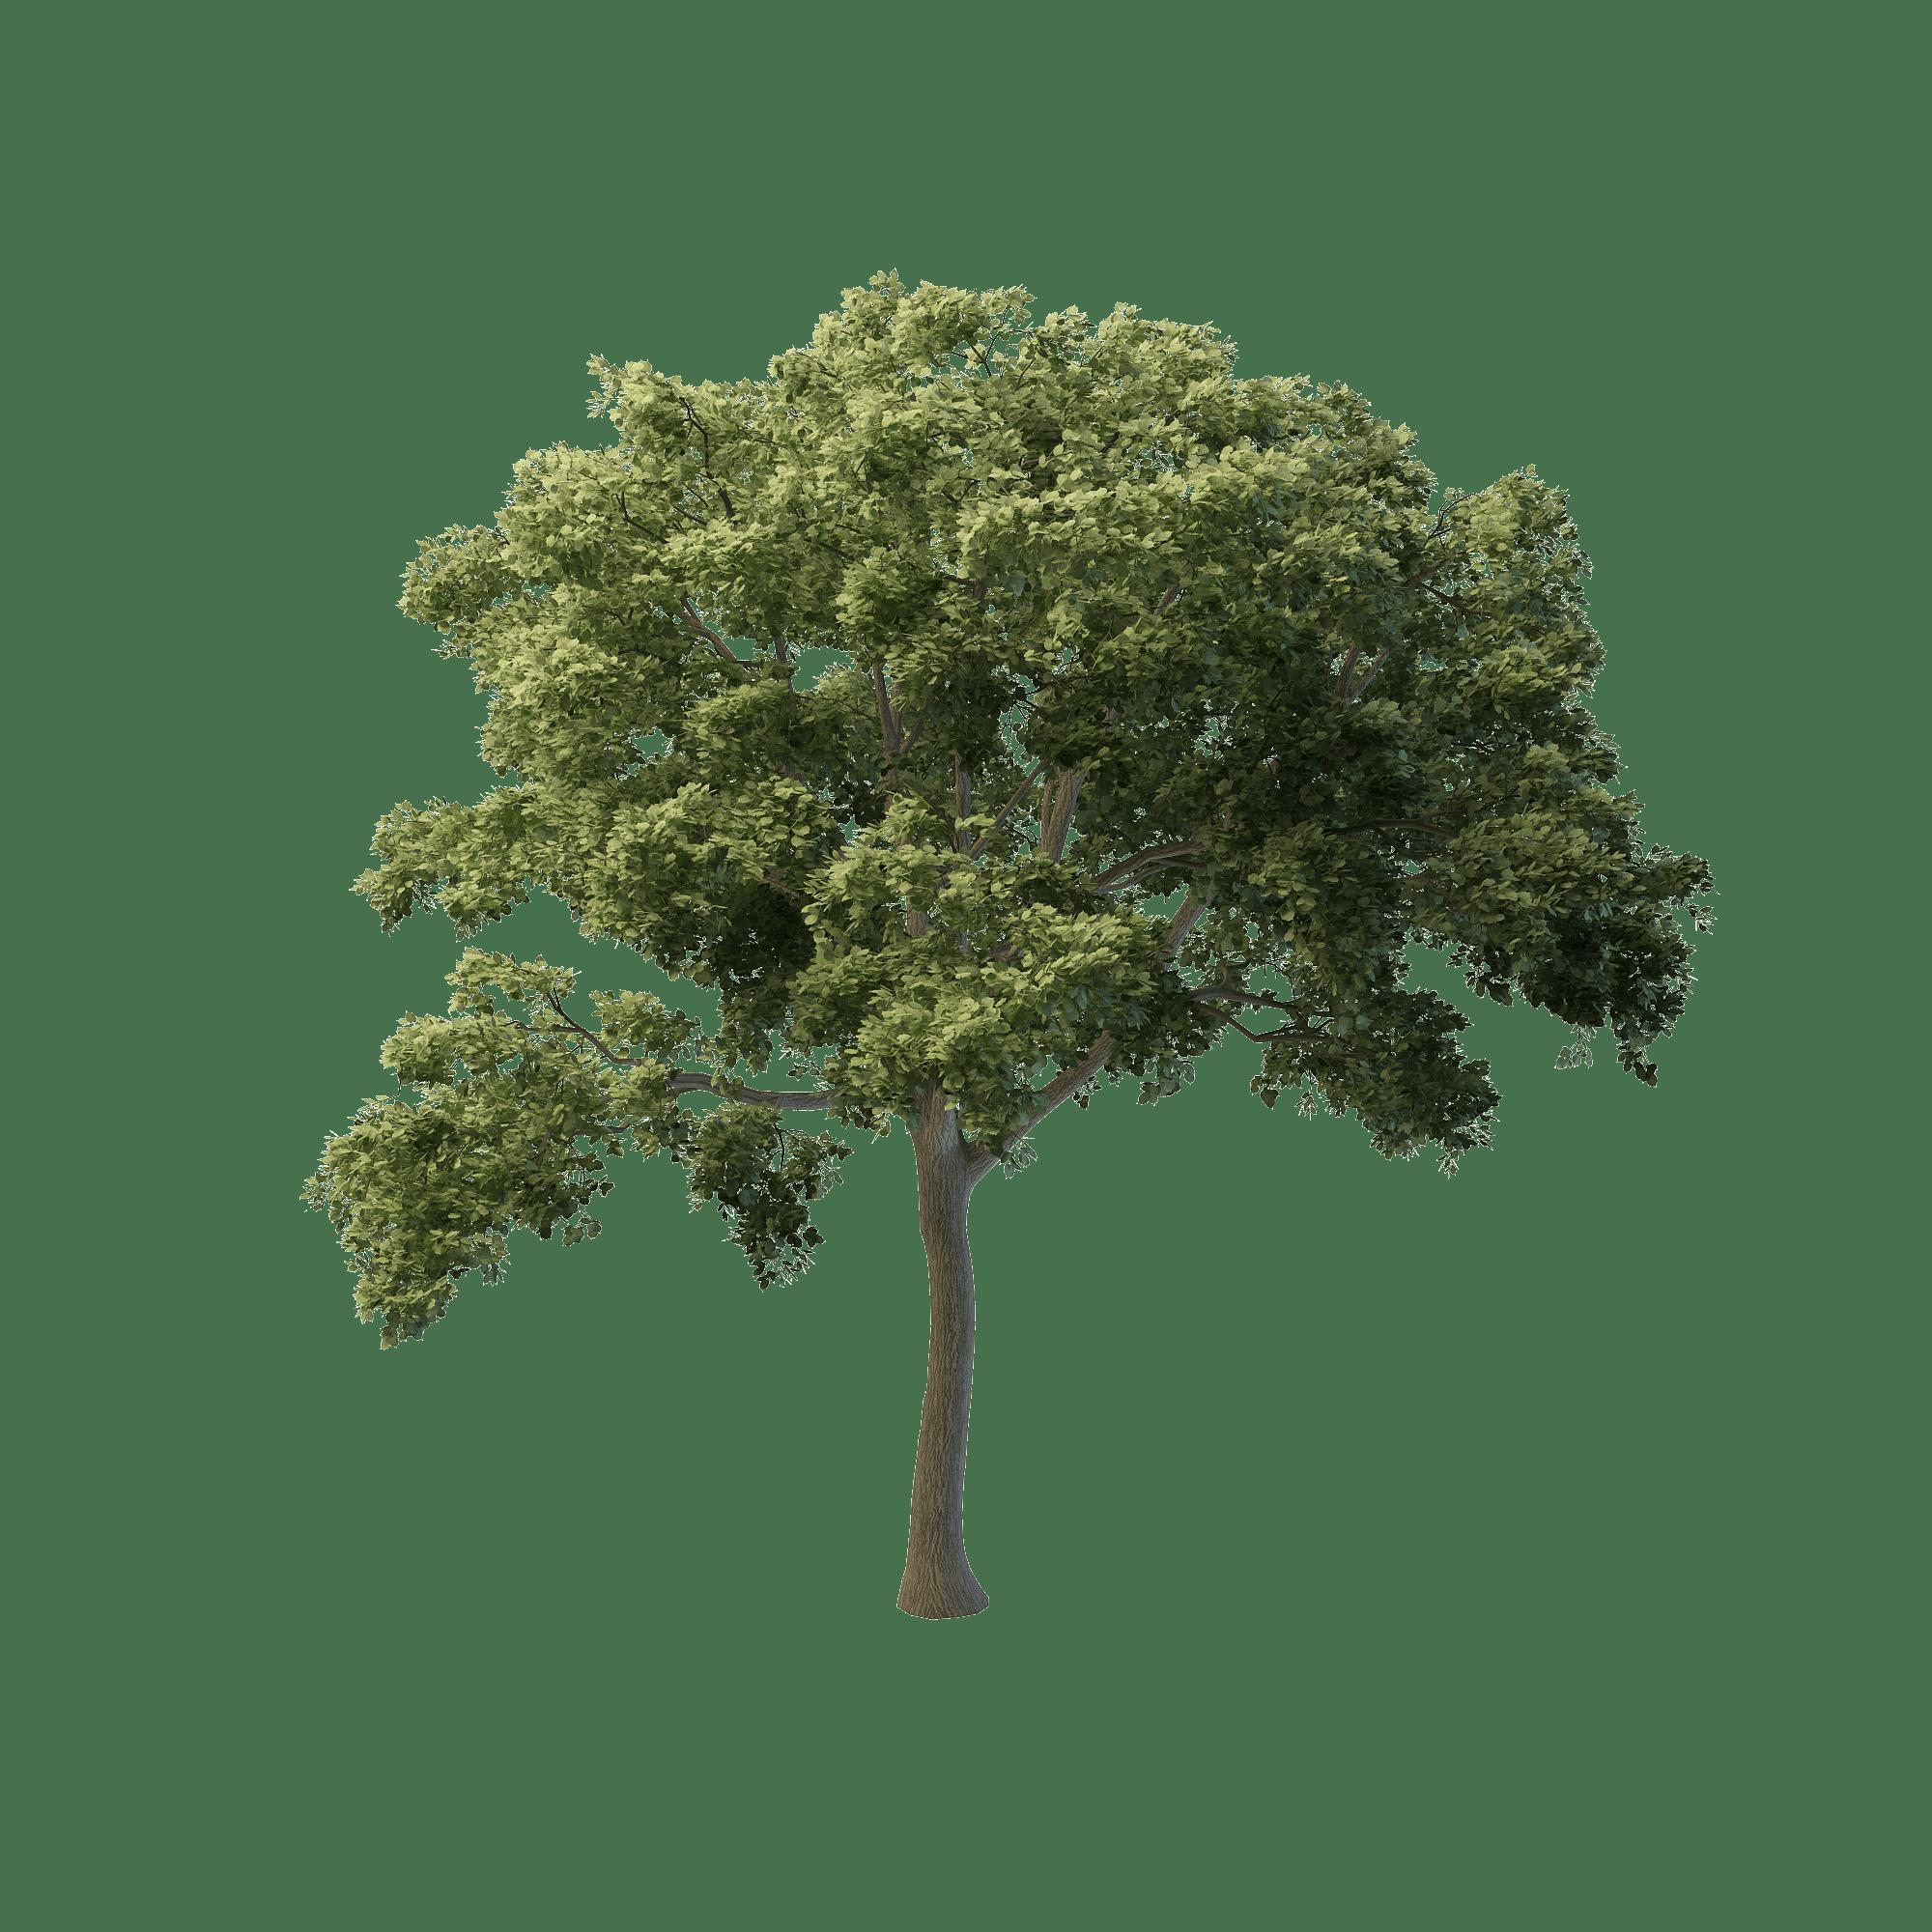 anpassad 3d modellering av hans res träd